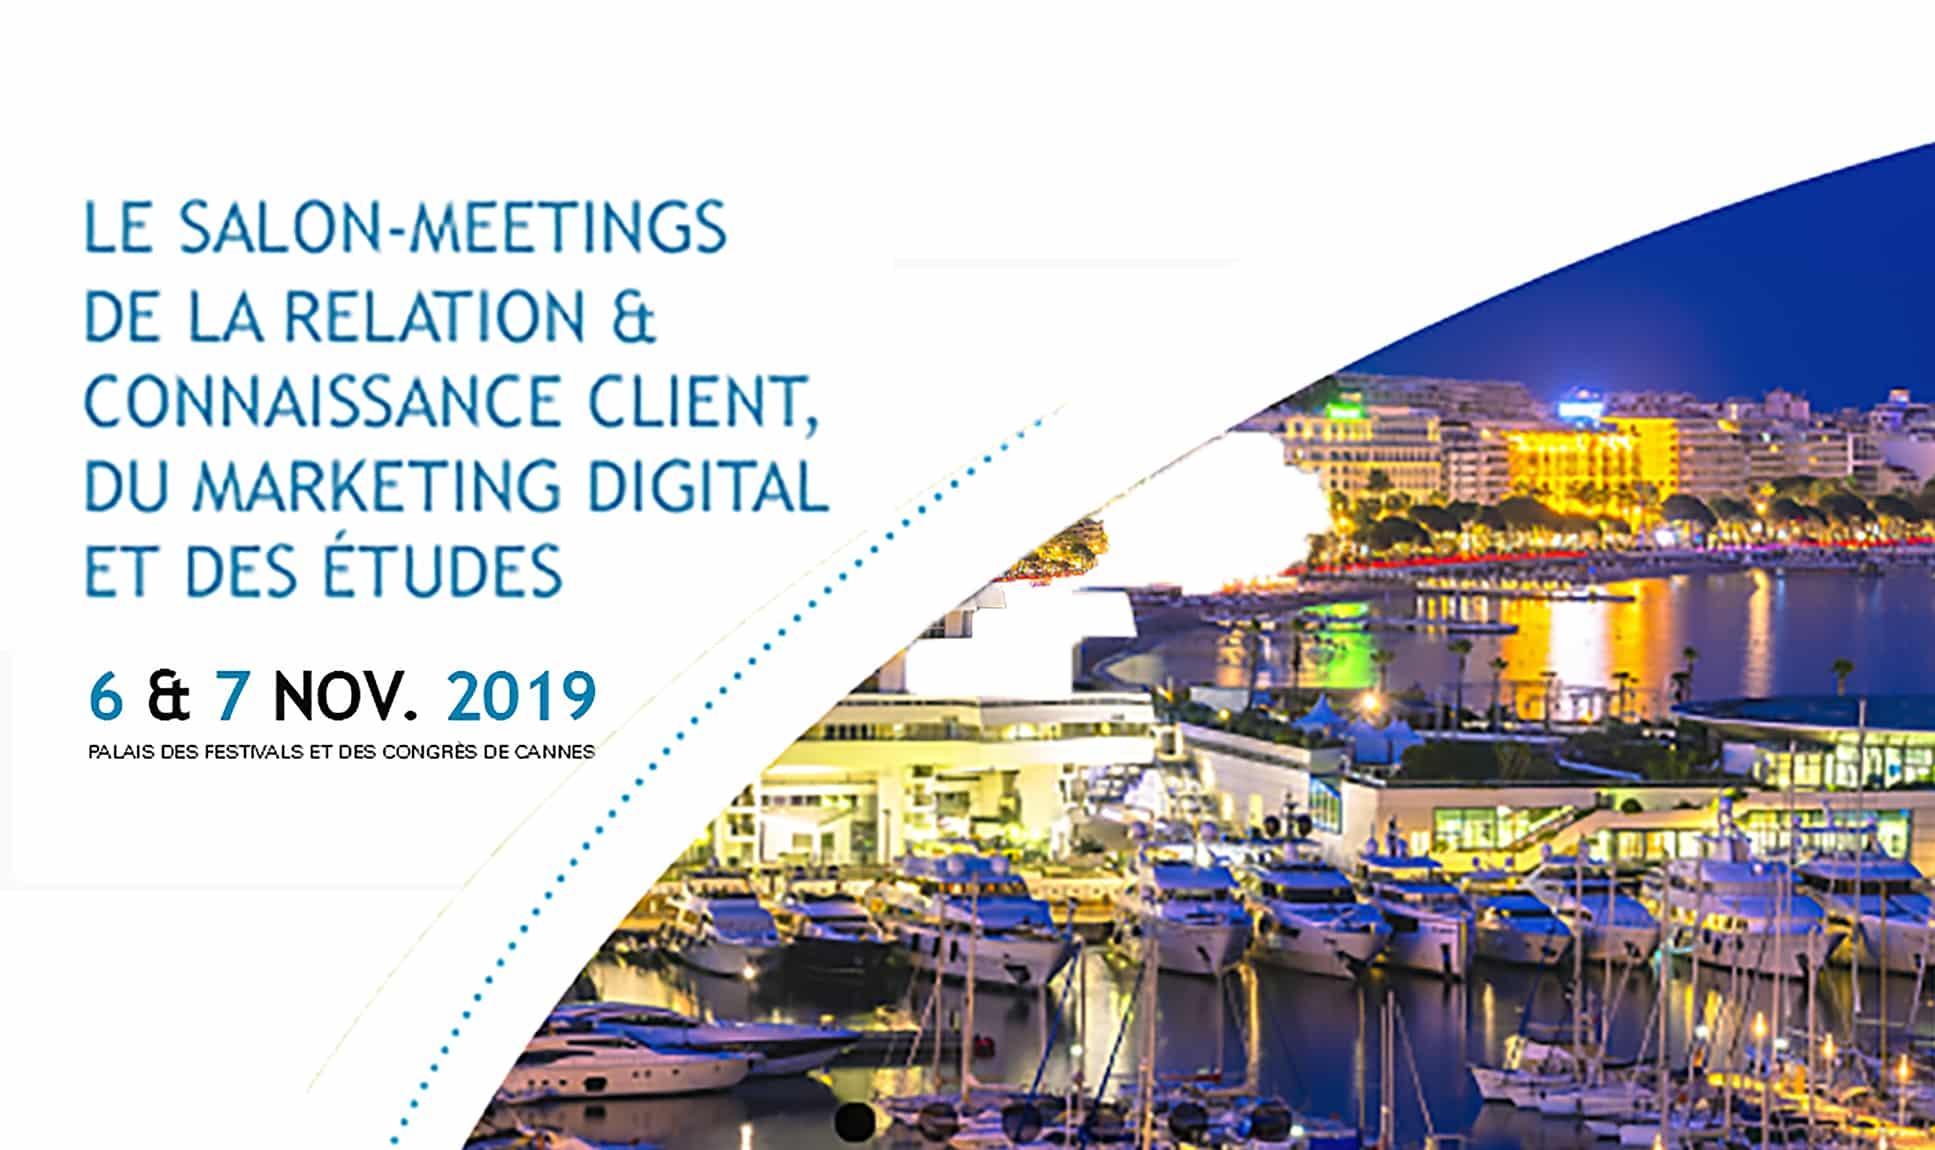 C.R.M Meetings de Cannes : Bénéficiez d'un audit SEO gratuit et personnalisé